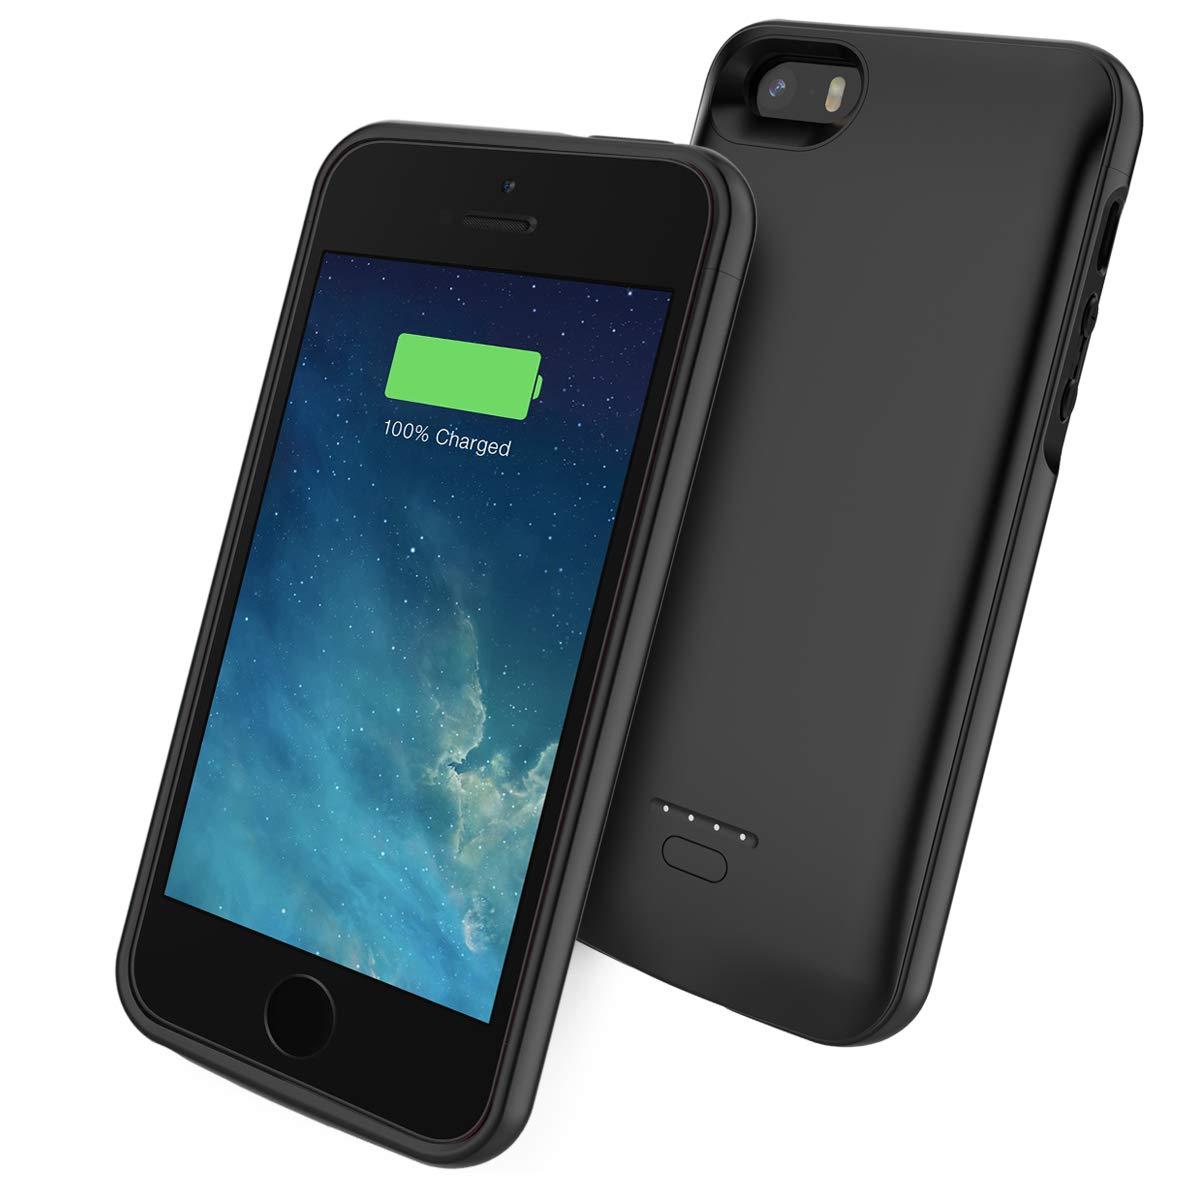 Scheam Funda iPhone SE 5SE 5 5S 4000mAh Estuche batería Delgado Funda Backup Cargador Batería Charging Case Carcasa Portable Power Bank a Prueba de ...